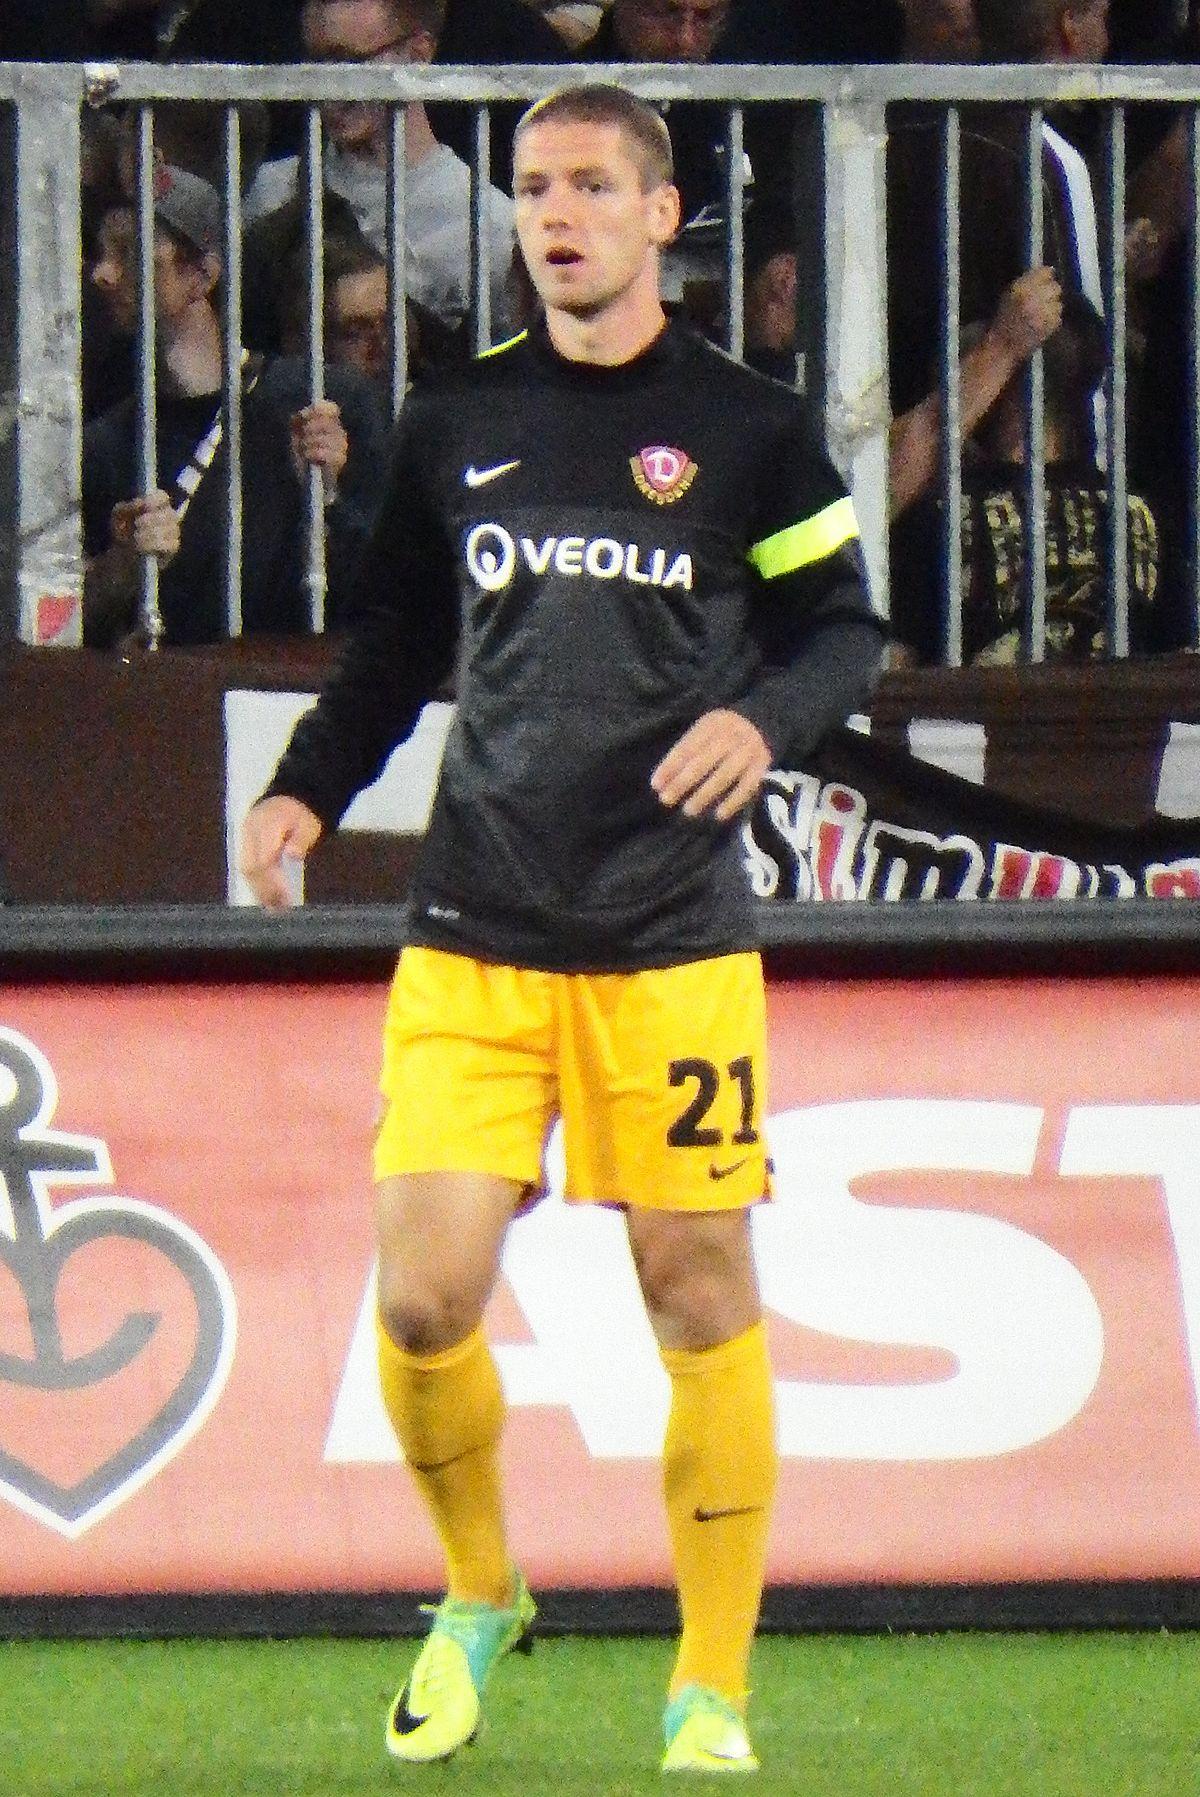 Adam Susac